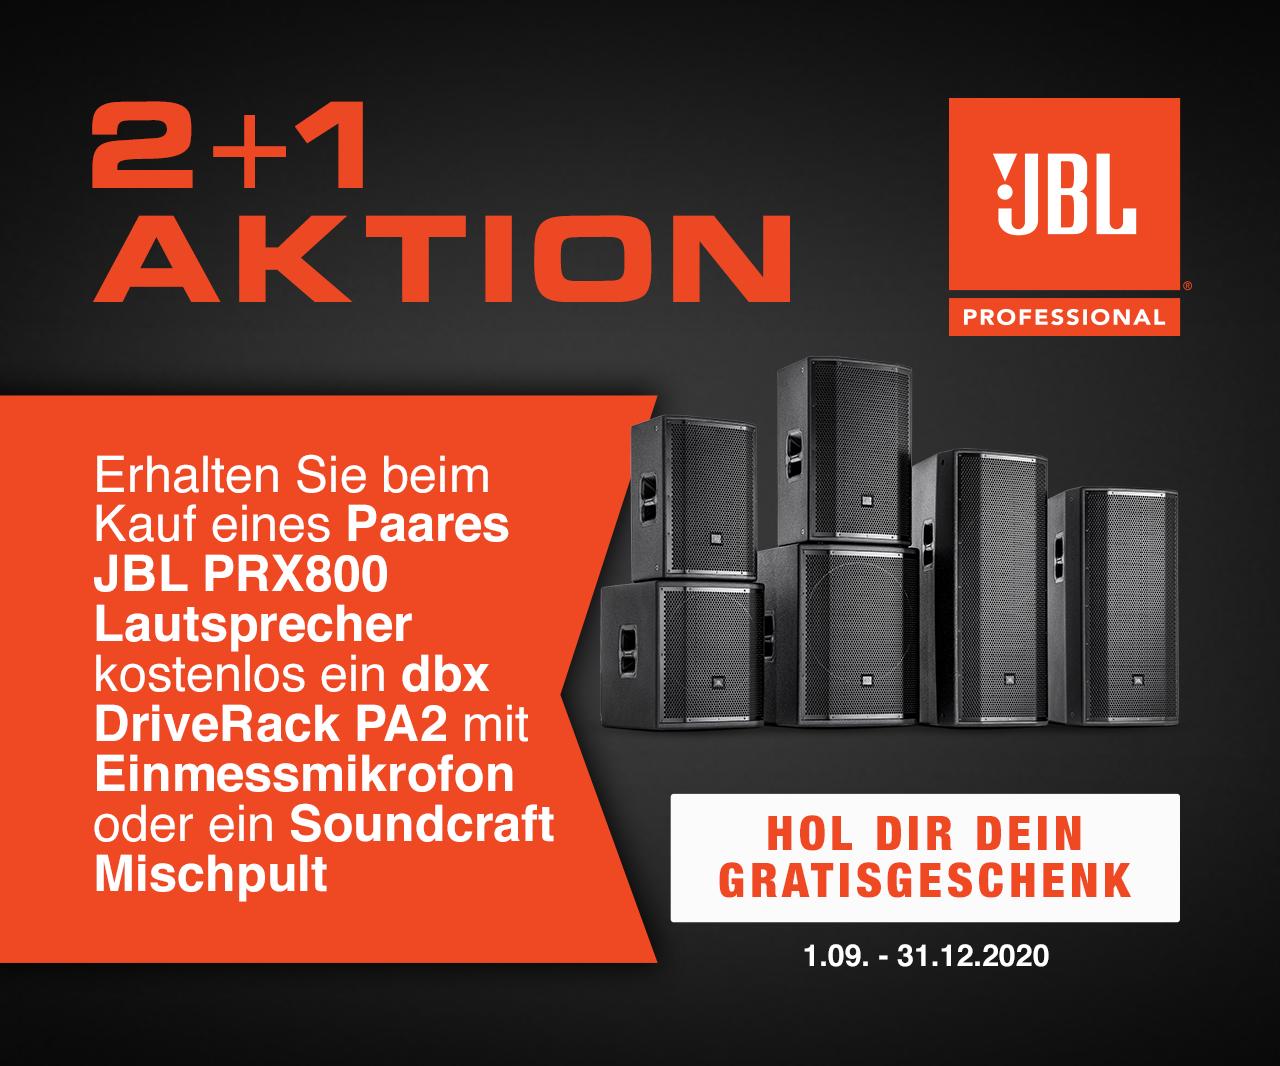 JBL PRX800 + driverack